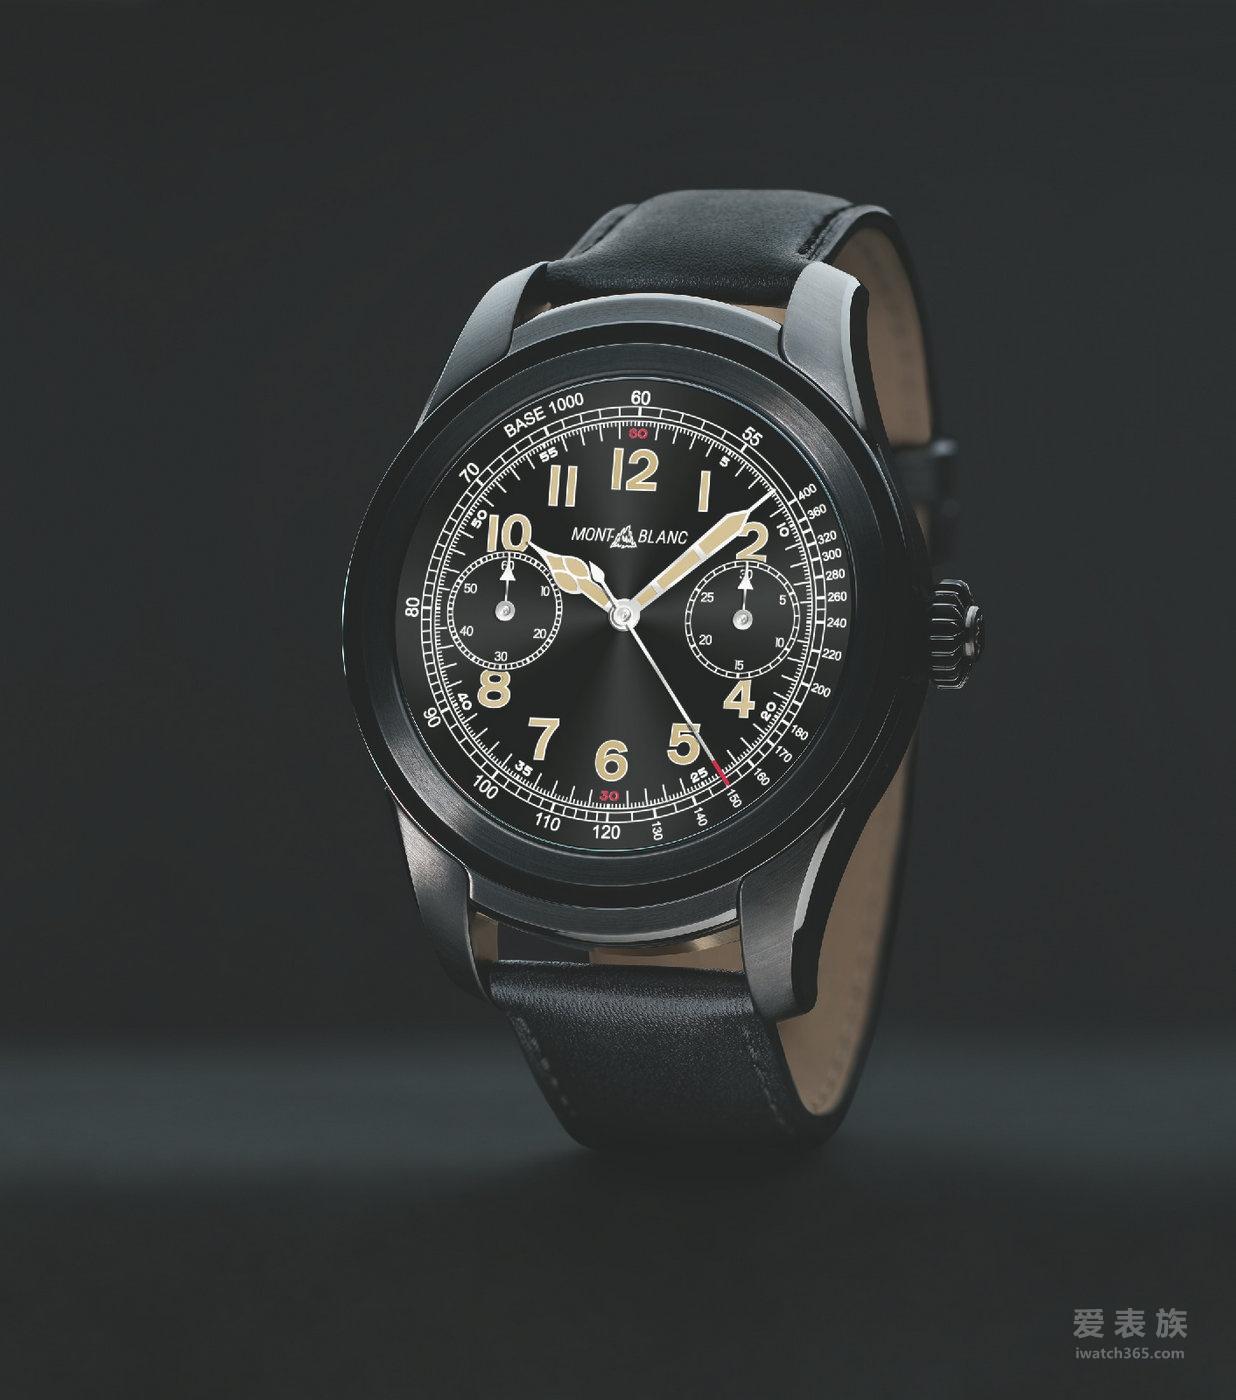 数字科技奢华呈现 万宝龙Summit智能腕表——瑞士高级制表的数字化新纪元